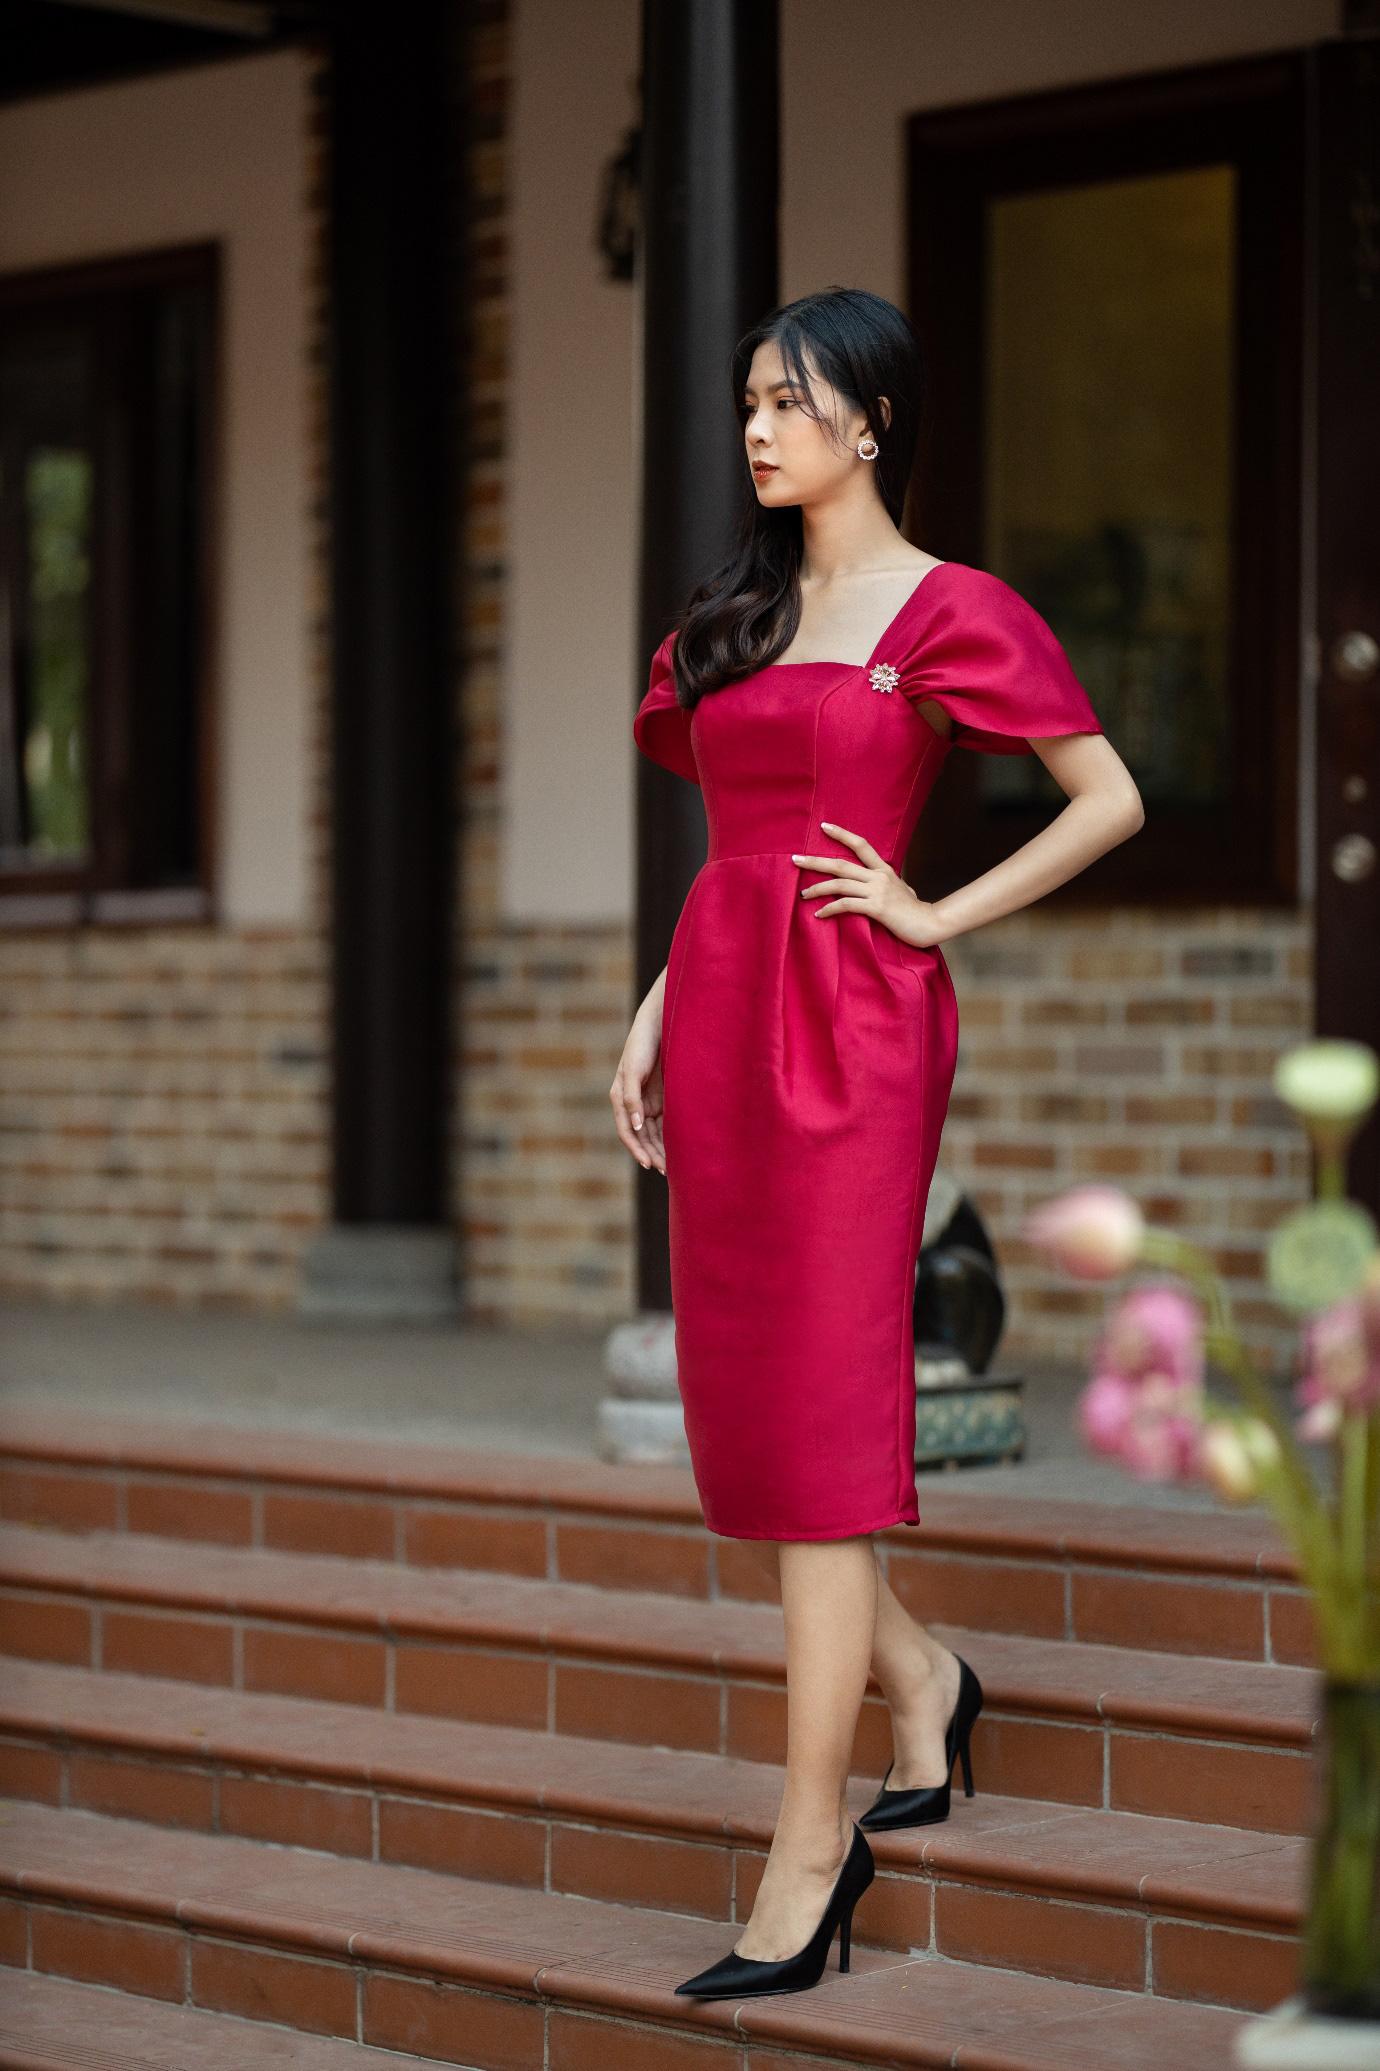 Gợi ý 8 mẫu váy đỏ đẹp cực phẩm, biến nàng trở thành tiêu điểm từ tiệc tất niên cho tới buổi du xuân đầu năm - Ảnh 7.